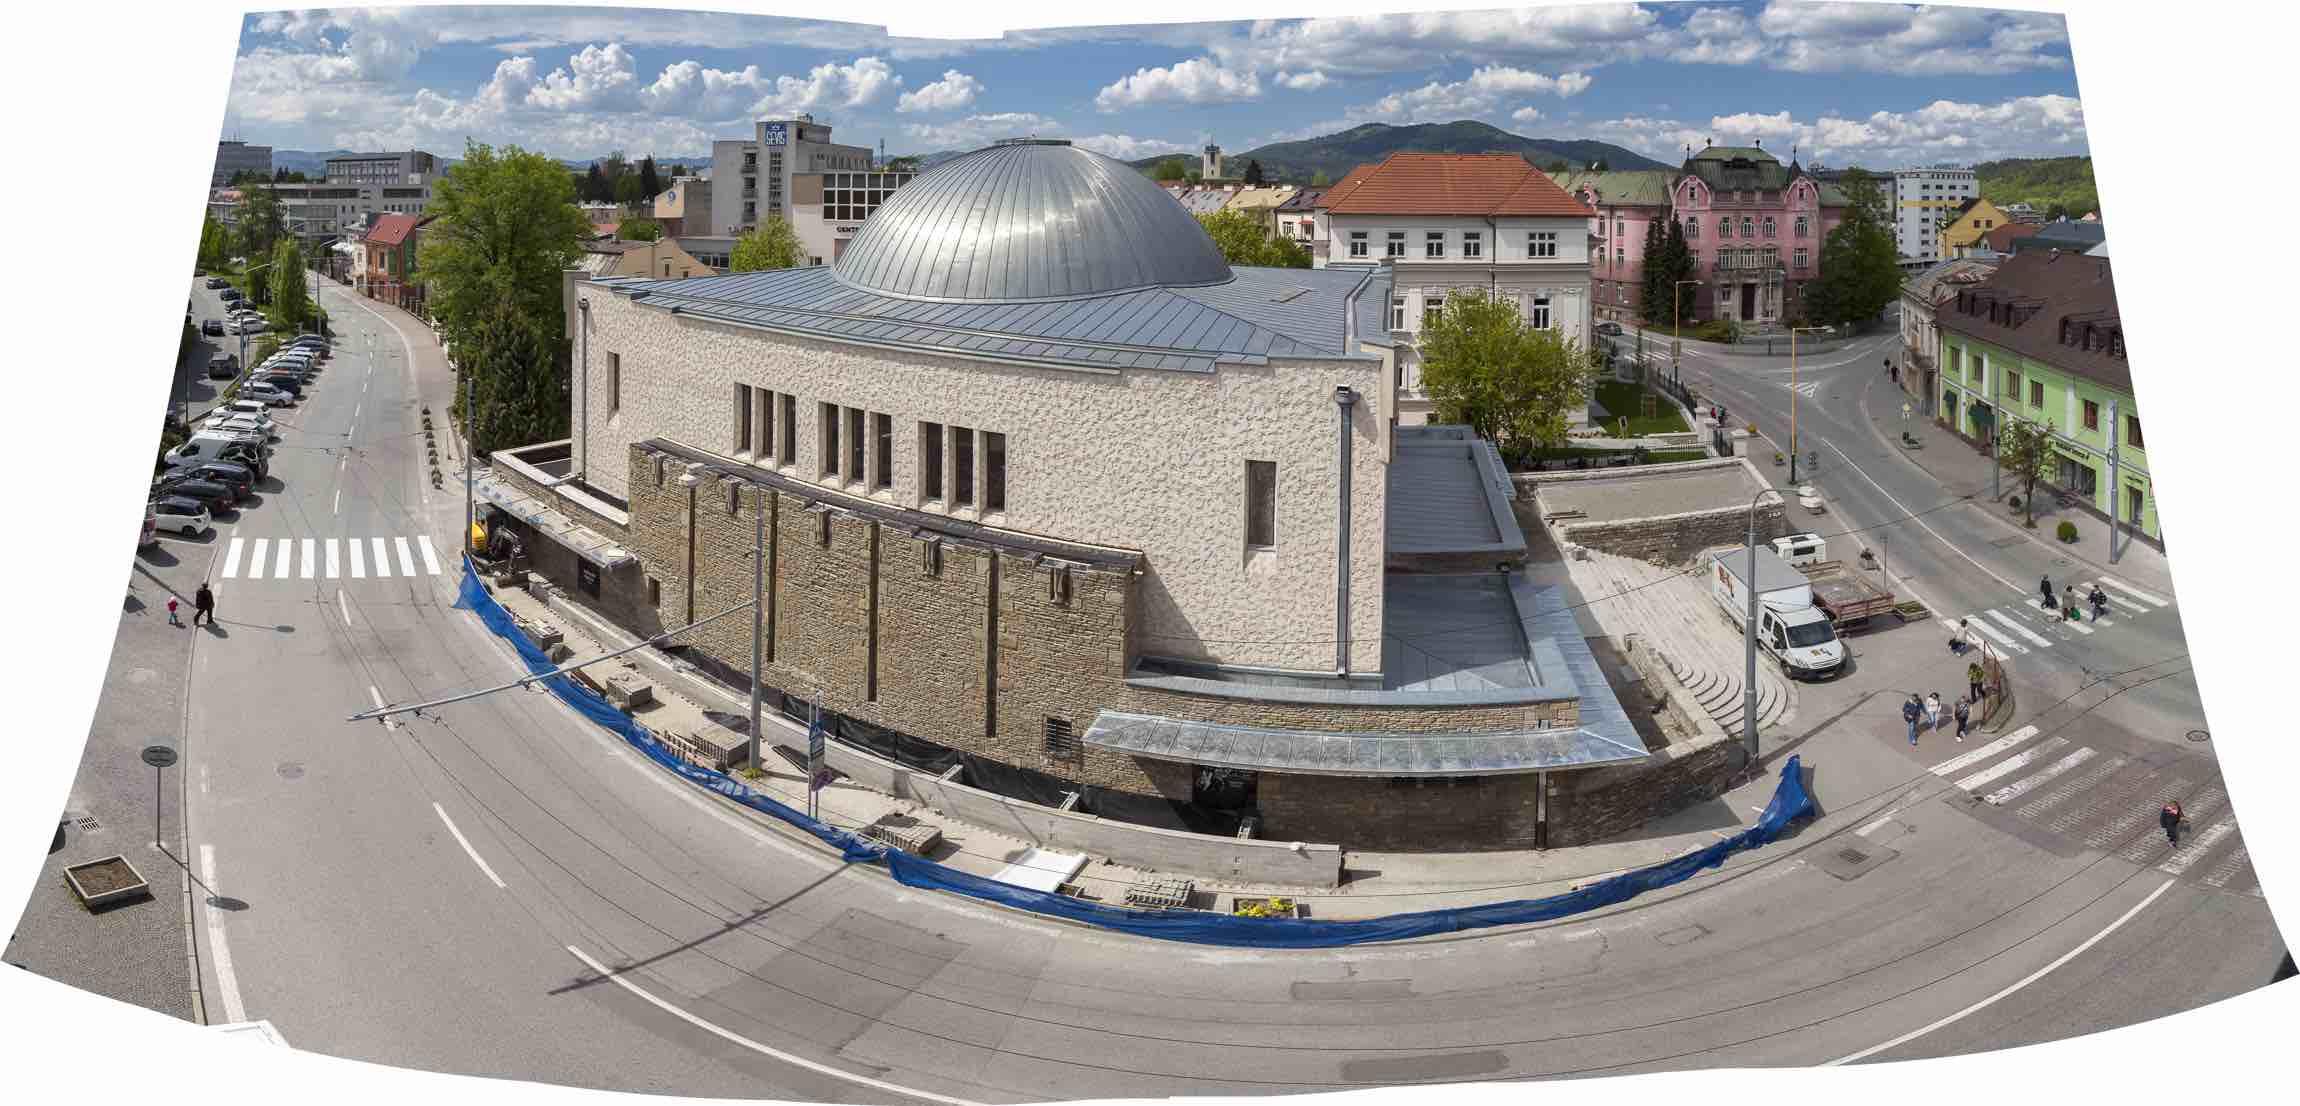 Photo ©-2016-Peter-Snadik/Nova Synagogue